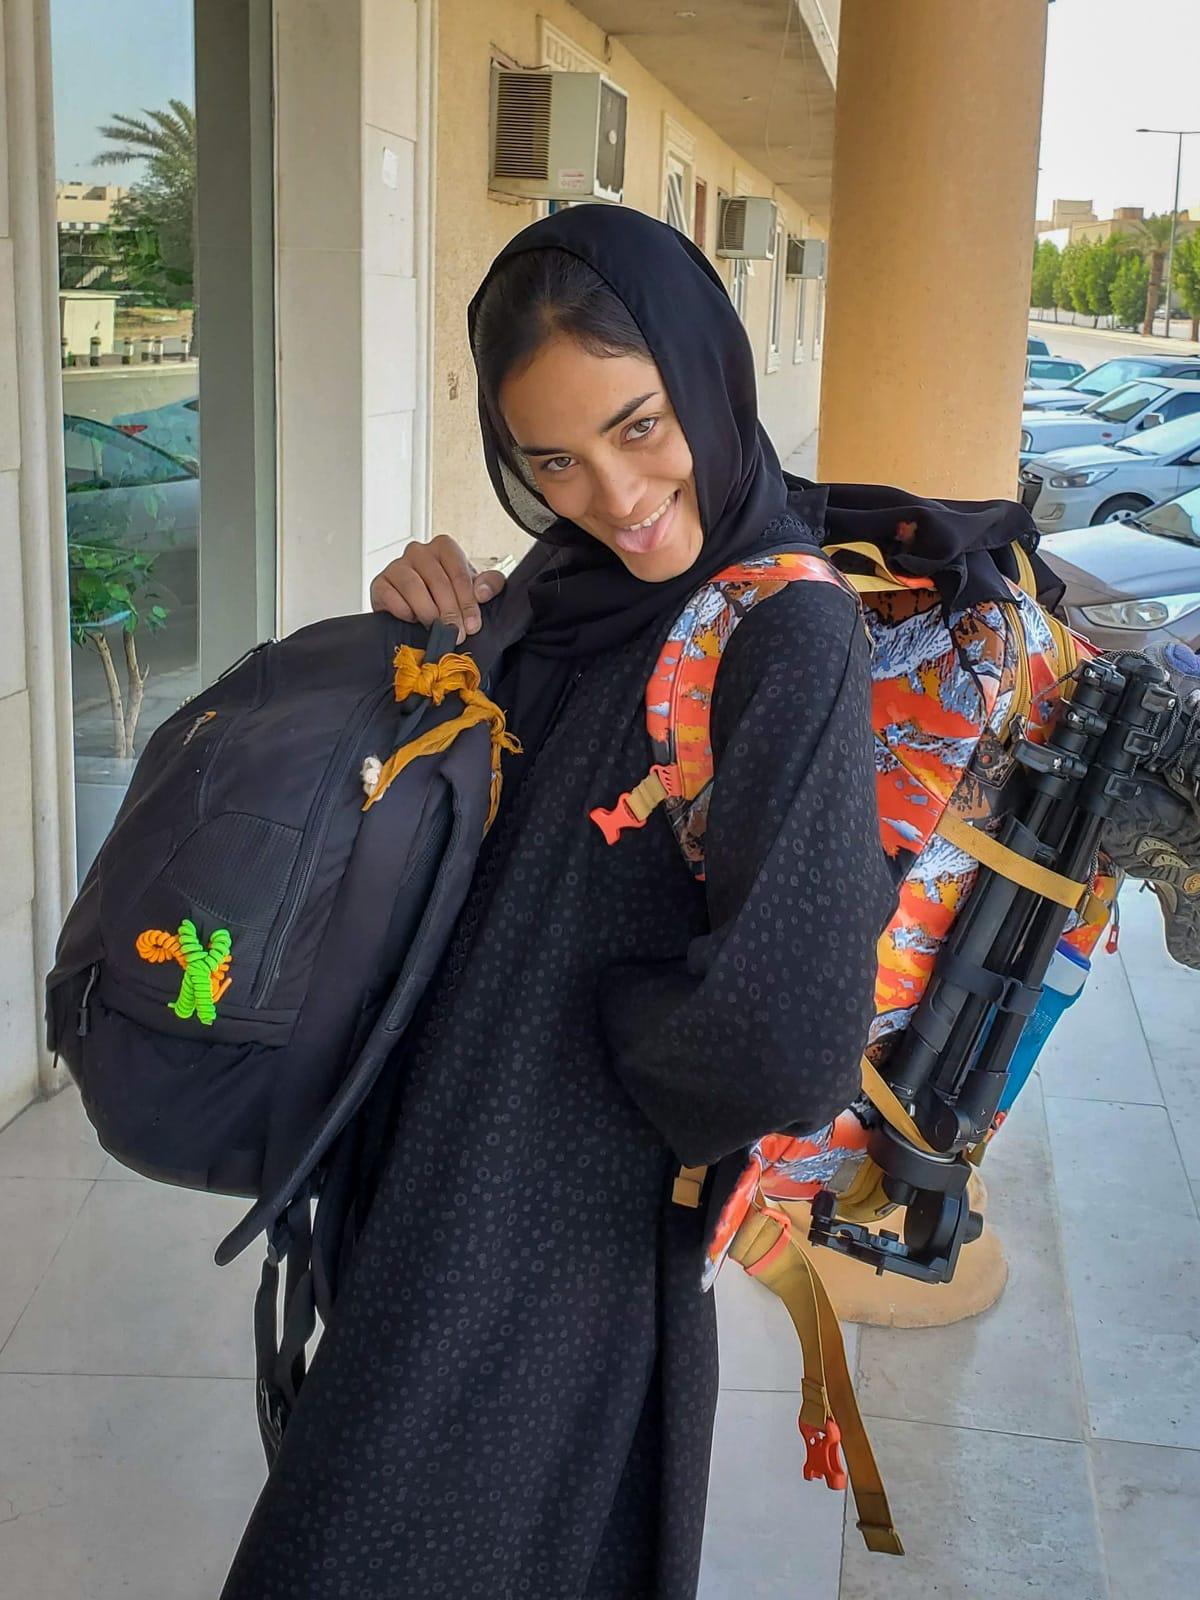 Alex with camera bag and backpack in a black abaya in Riyadh, Saudi Arabia